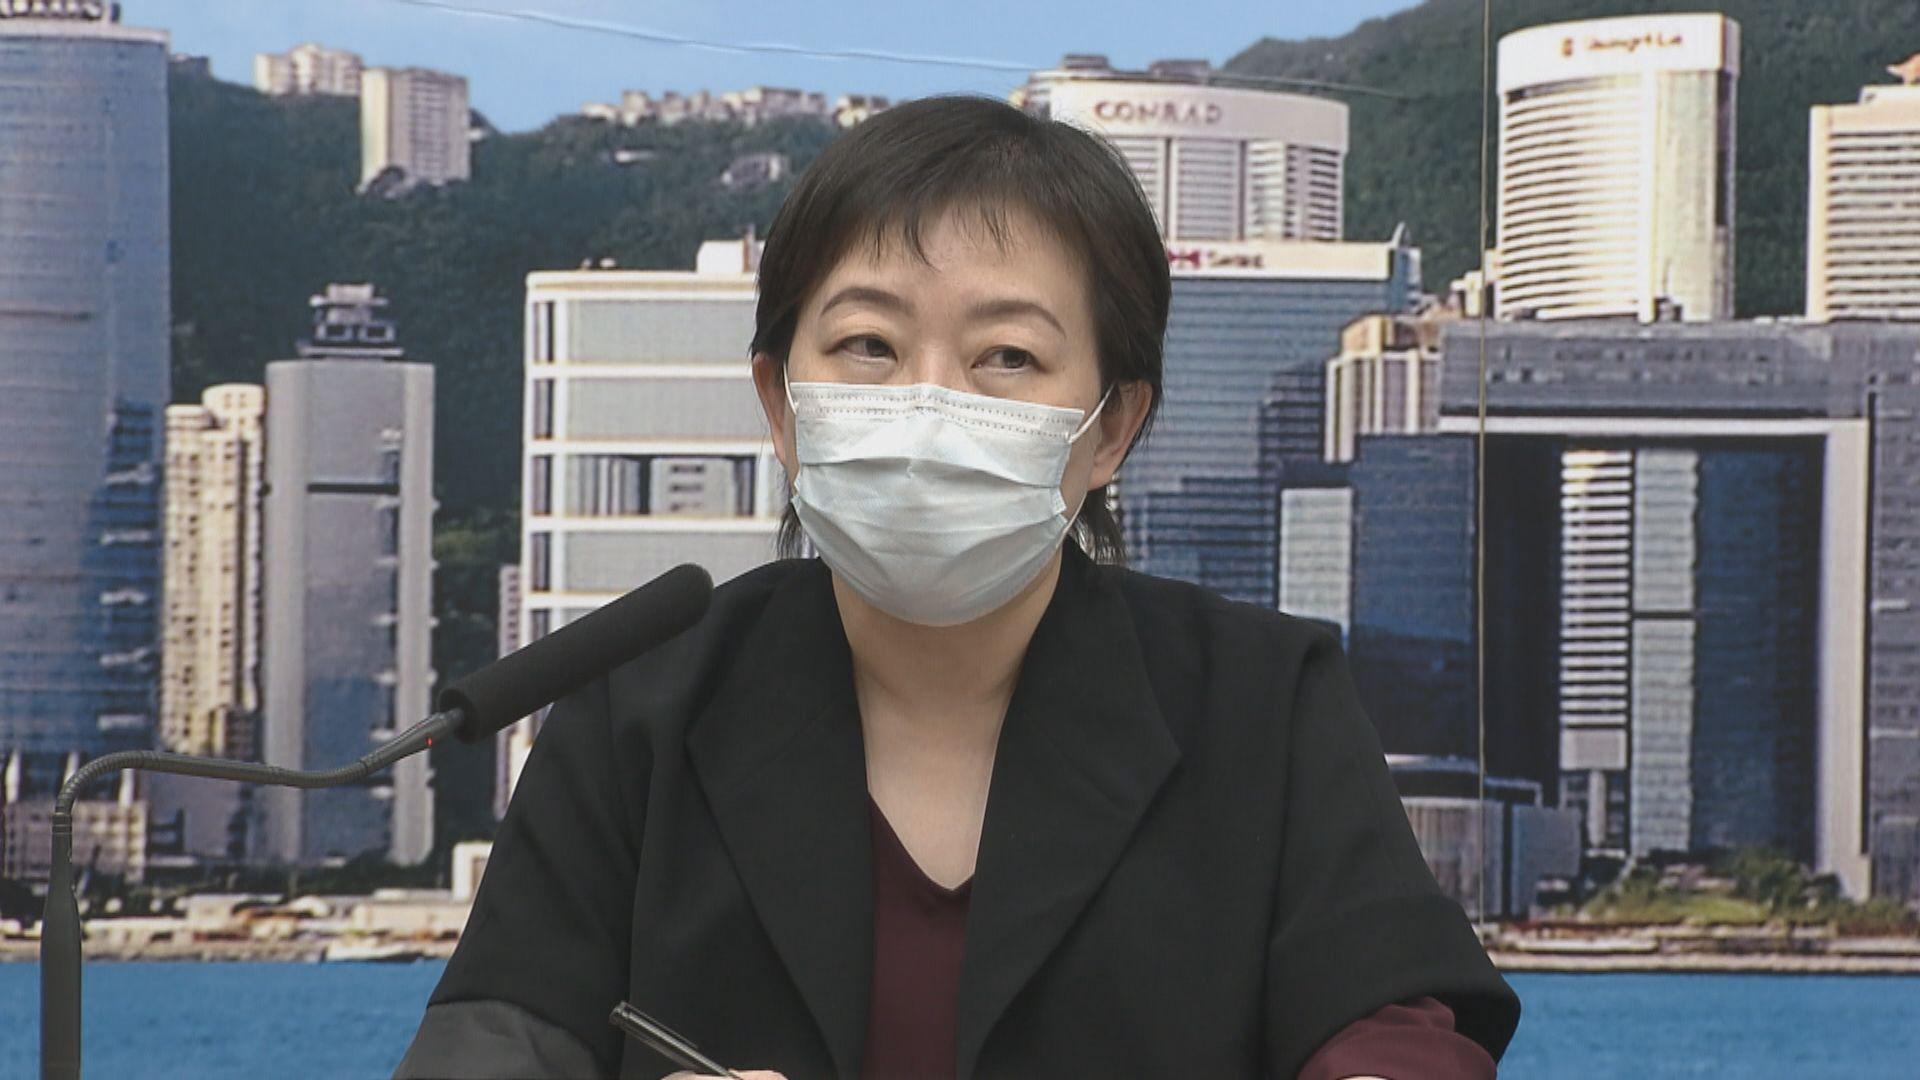 張竹君:市民未來一兩周盡量留在家中 否則醫療系統崩潰